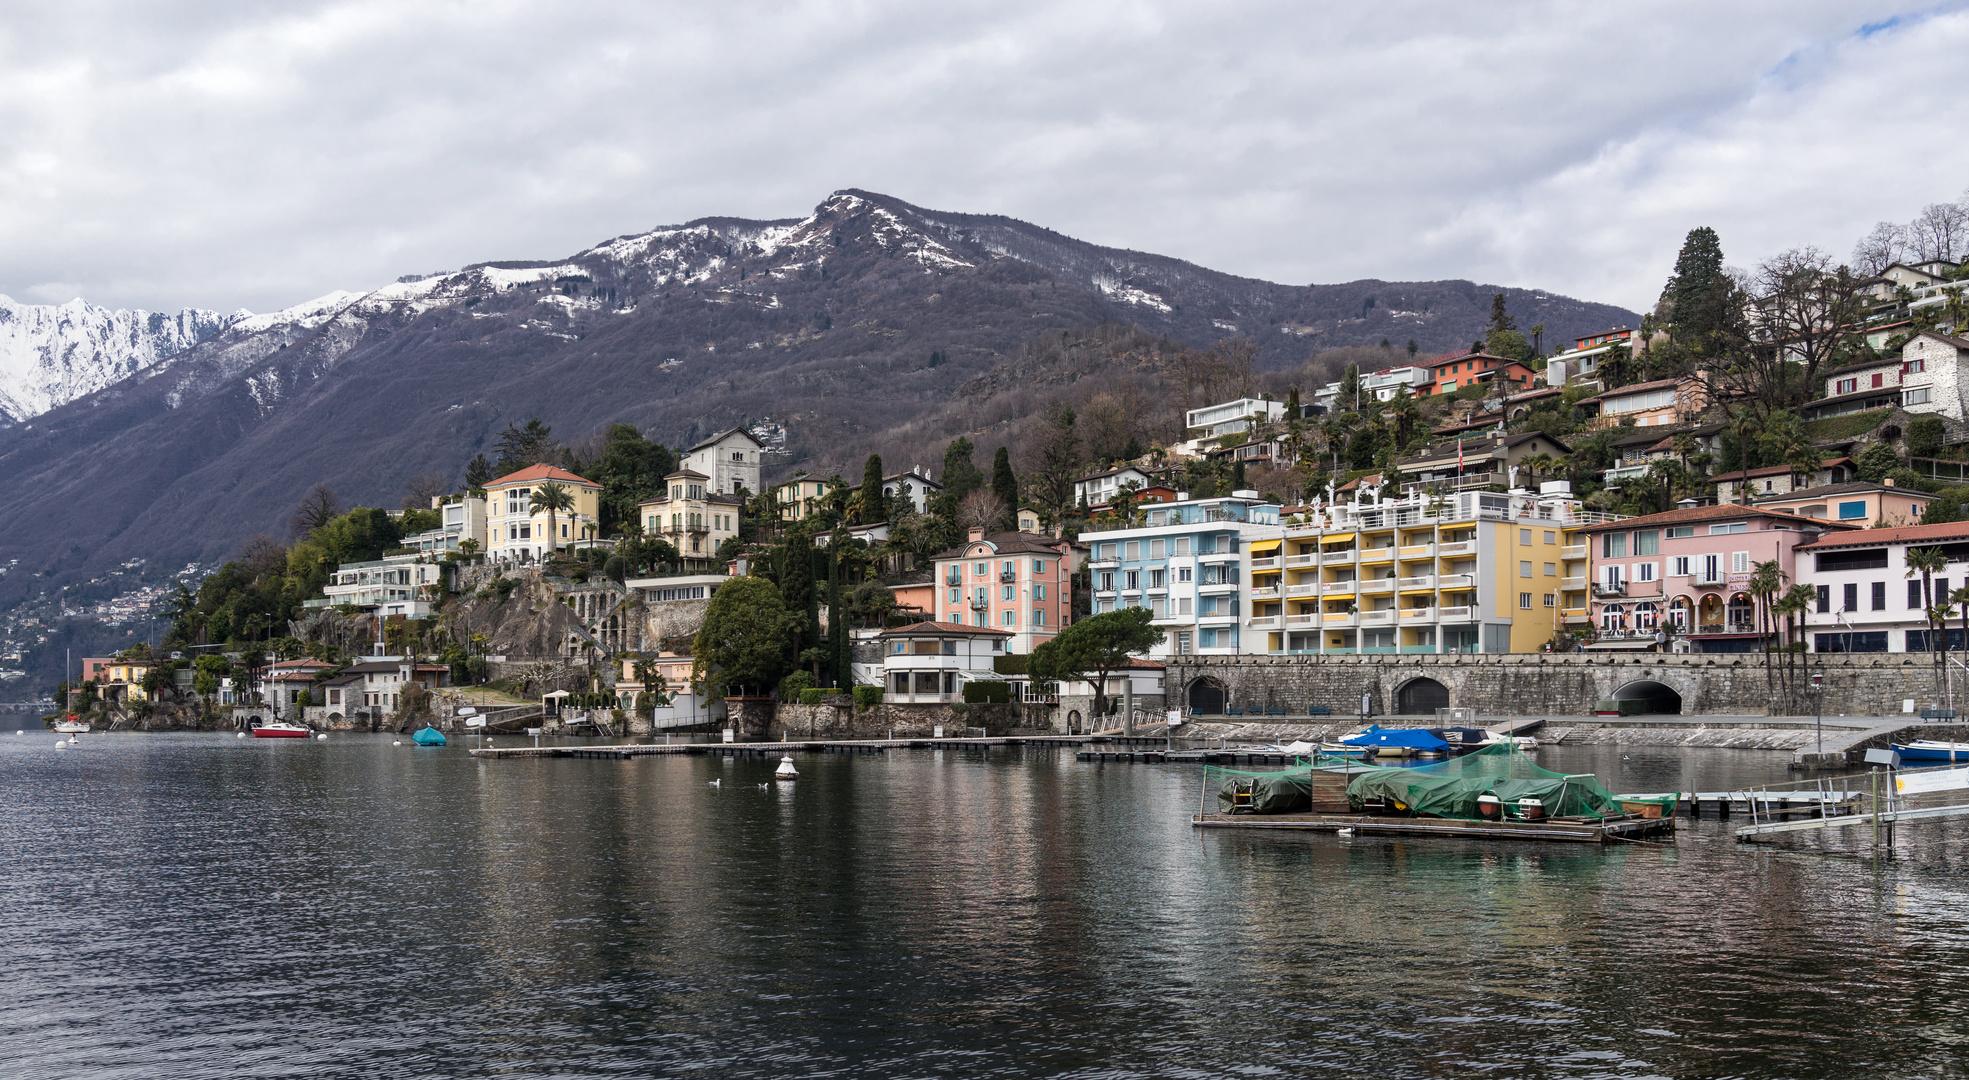 Heute in Ascona das sich leider noch ein wenig im Winterschlaf befindet.